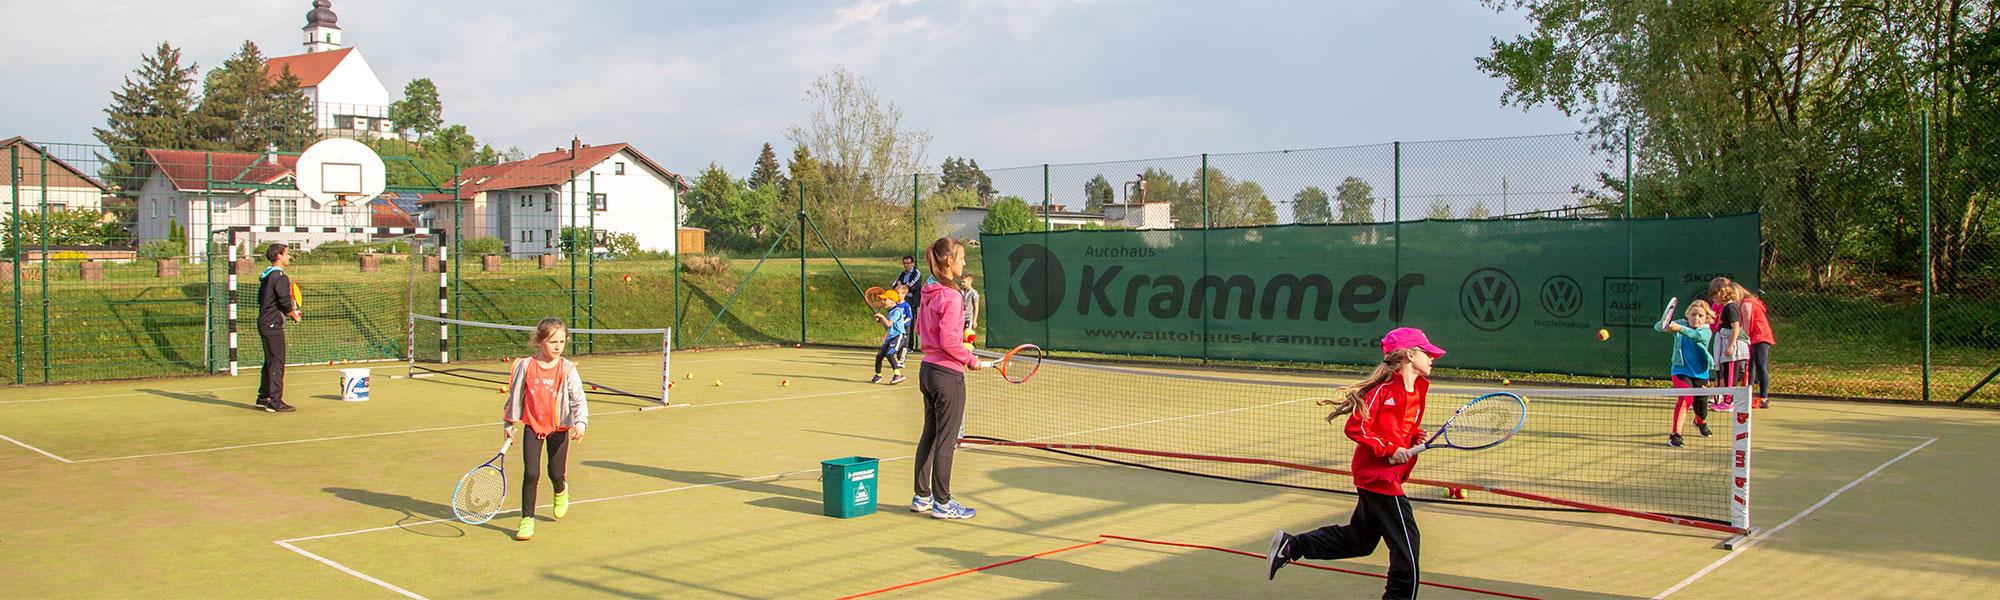 Kleinfeldtennis für Kinder - TC Hengersberg